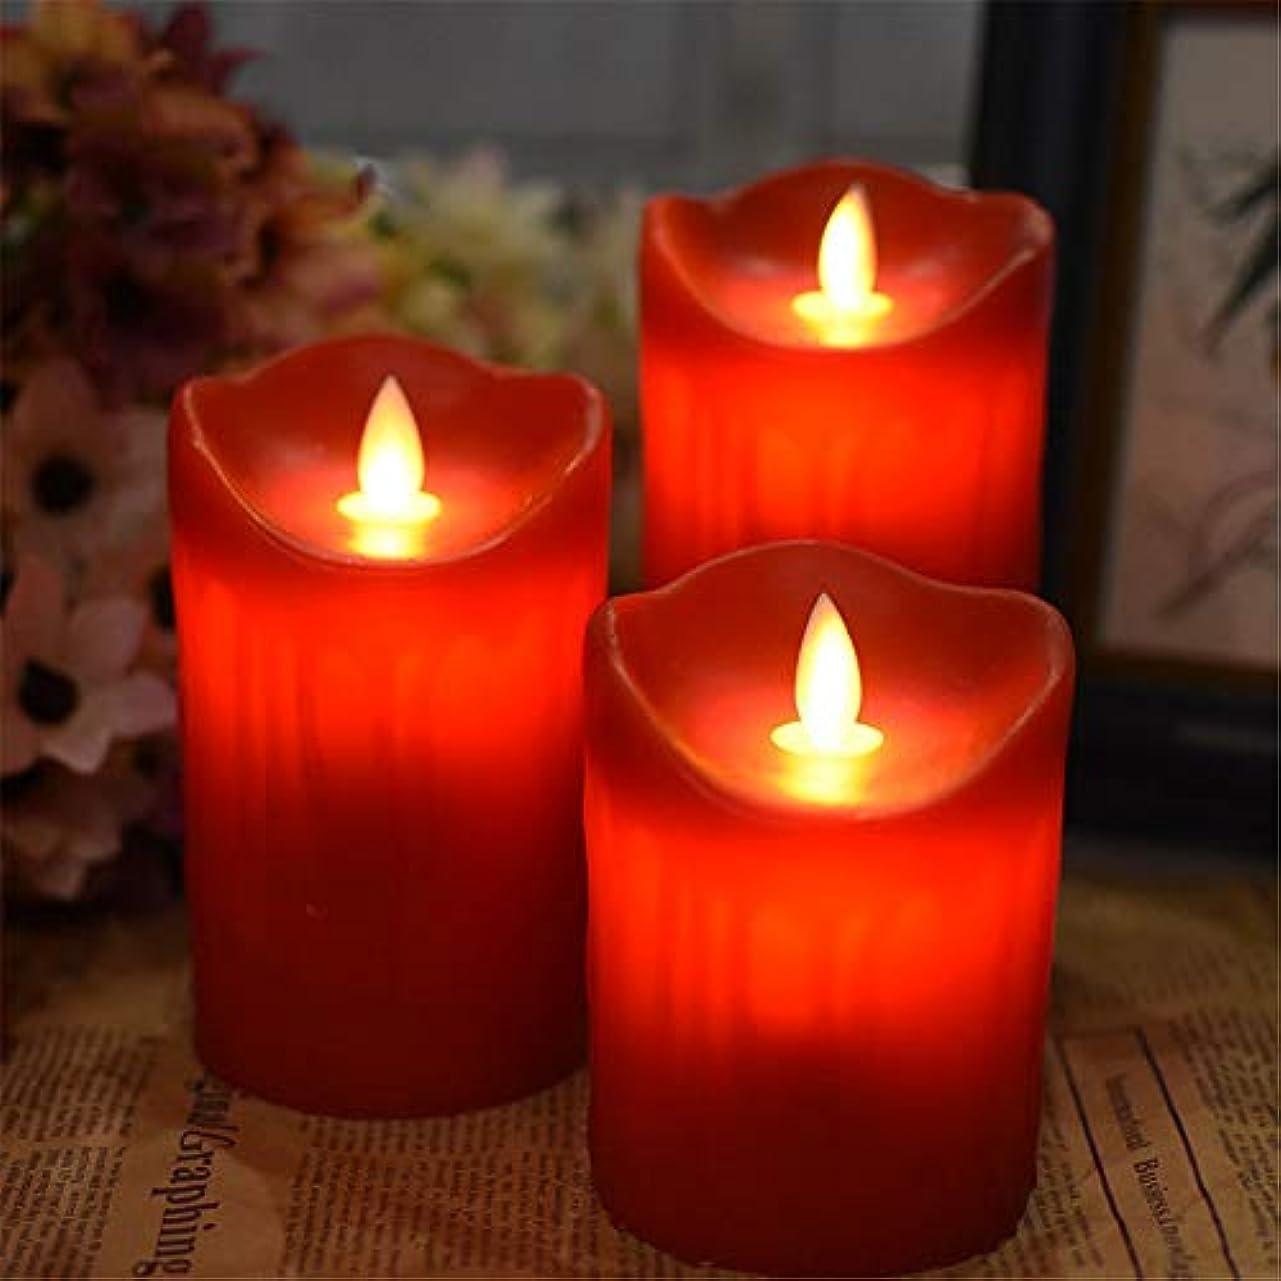 落ち着くソーシャルいわゆるフレームレスキャンドルバッテリー式点滅LED炎柱リアルワックス、ウェディングパーティーデコレーション(H 3